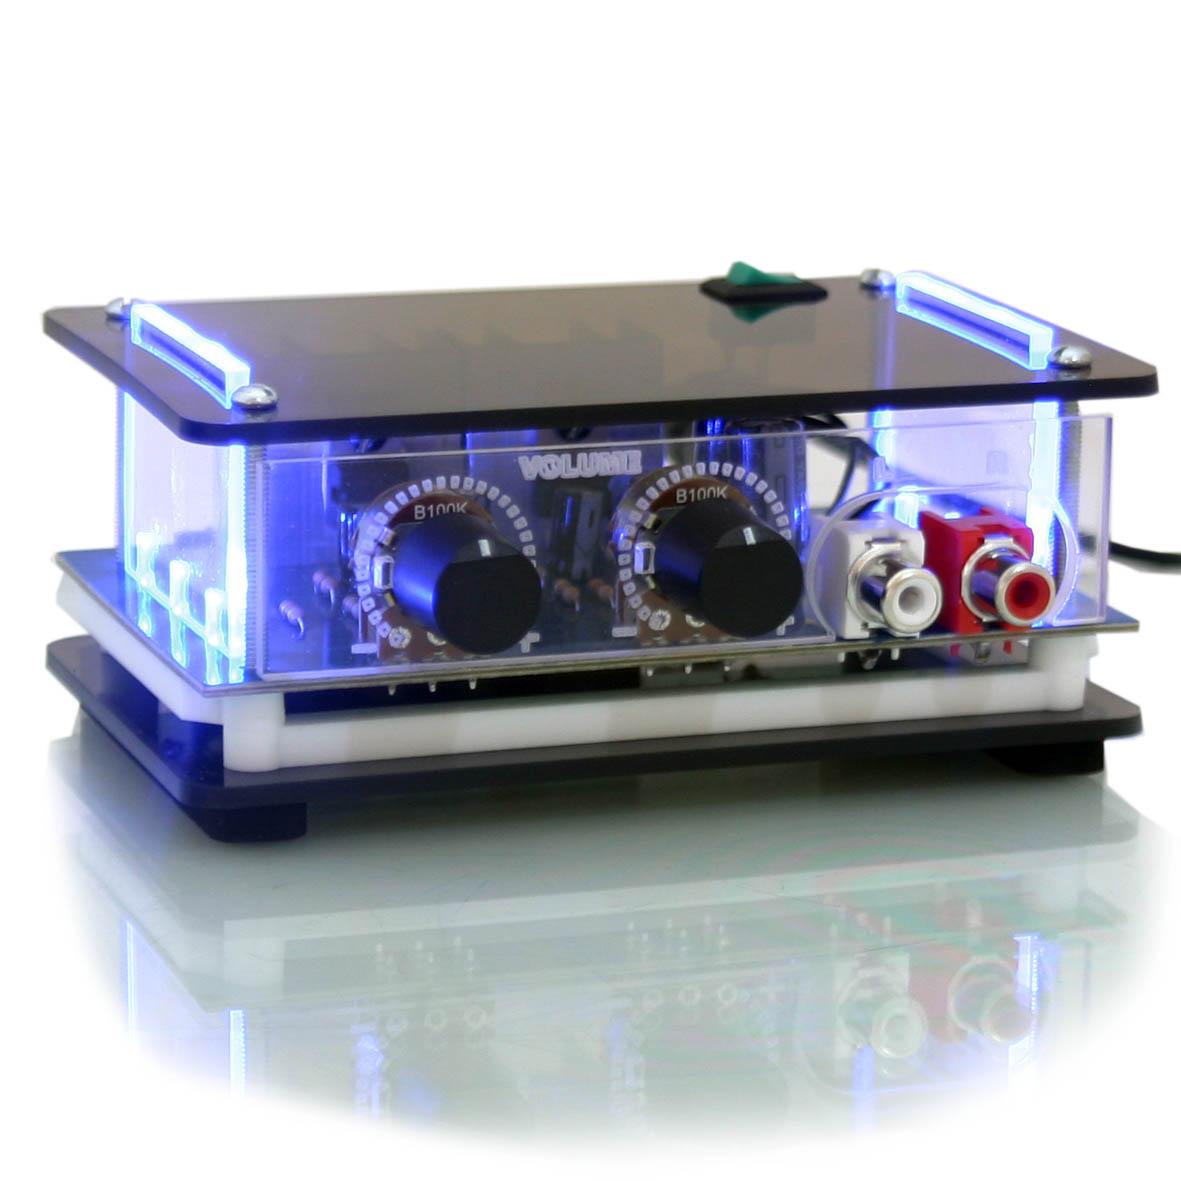 Amplificador XTR SLIM 1002 RC 20W PROMOÇÃO TEMPO LIMITADO!!